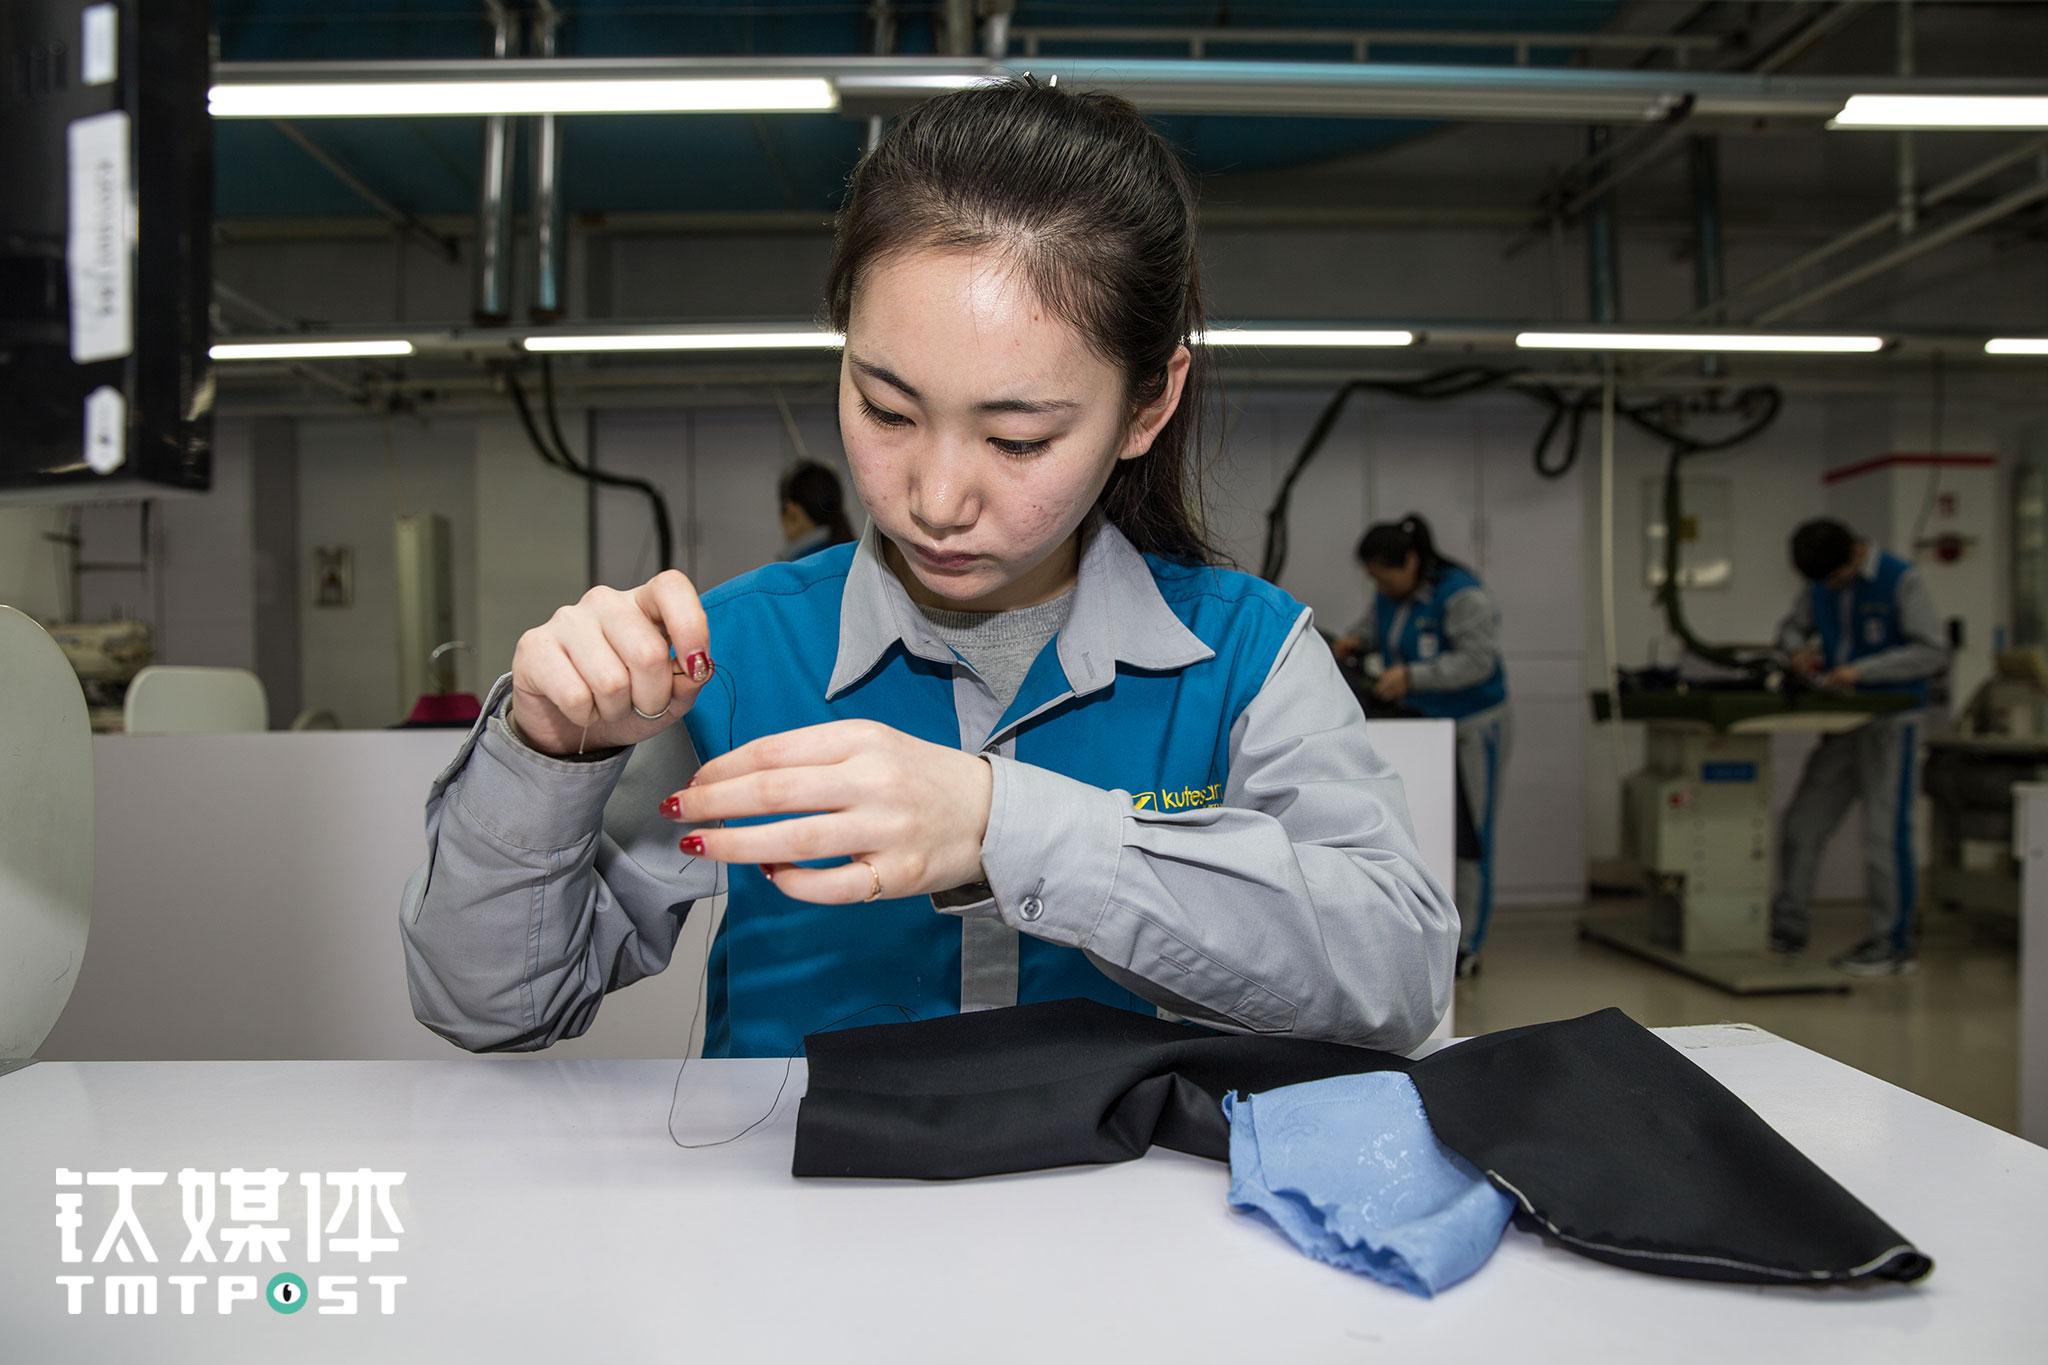 酷特服装工厂:新流水线,新工人丨钛媒体《在